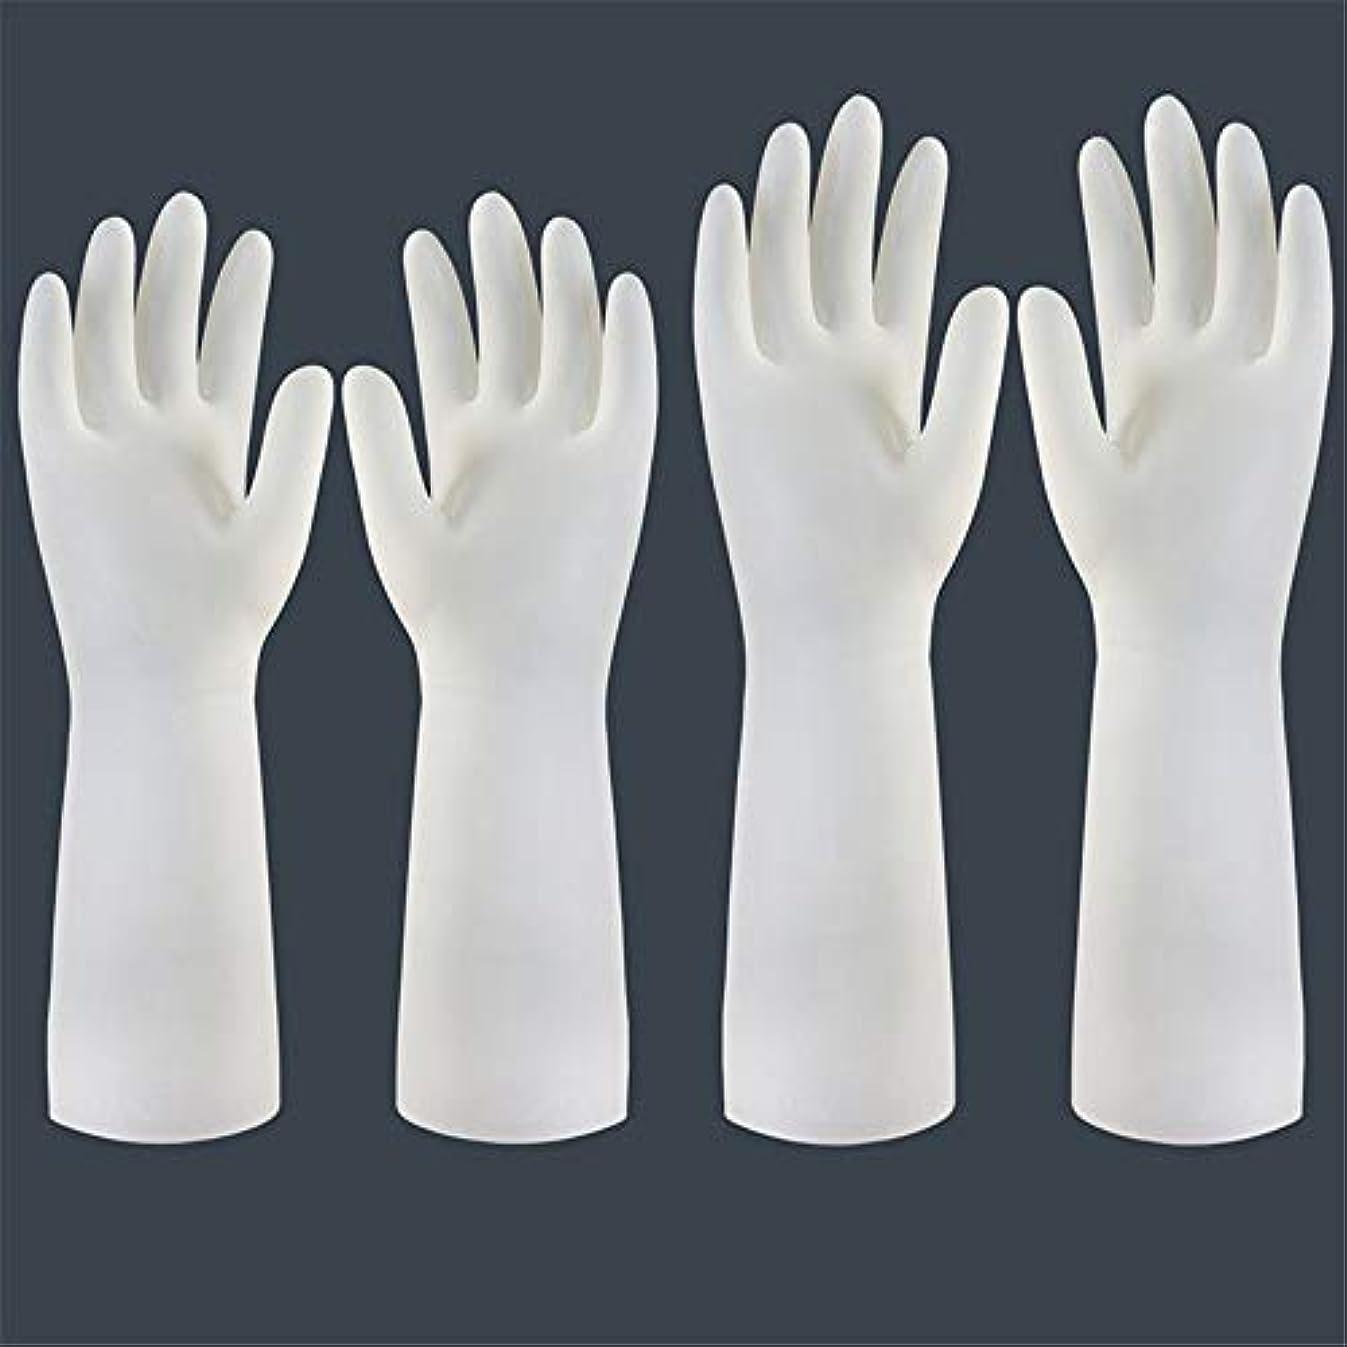 ご注意怒りマニフェストニトリルゴム手袋 使い捨て手袋の防水および耐久のゴム製台所手袋、小/中/大 使い捨て手袋 (Color : Short+long, Size : M)